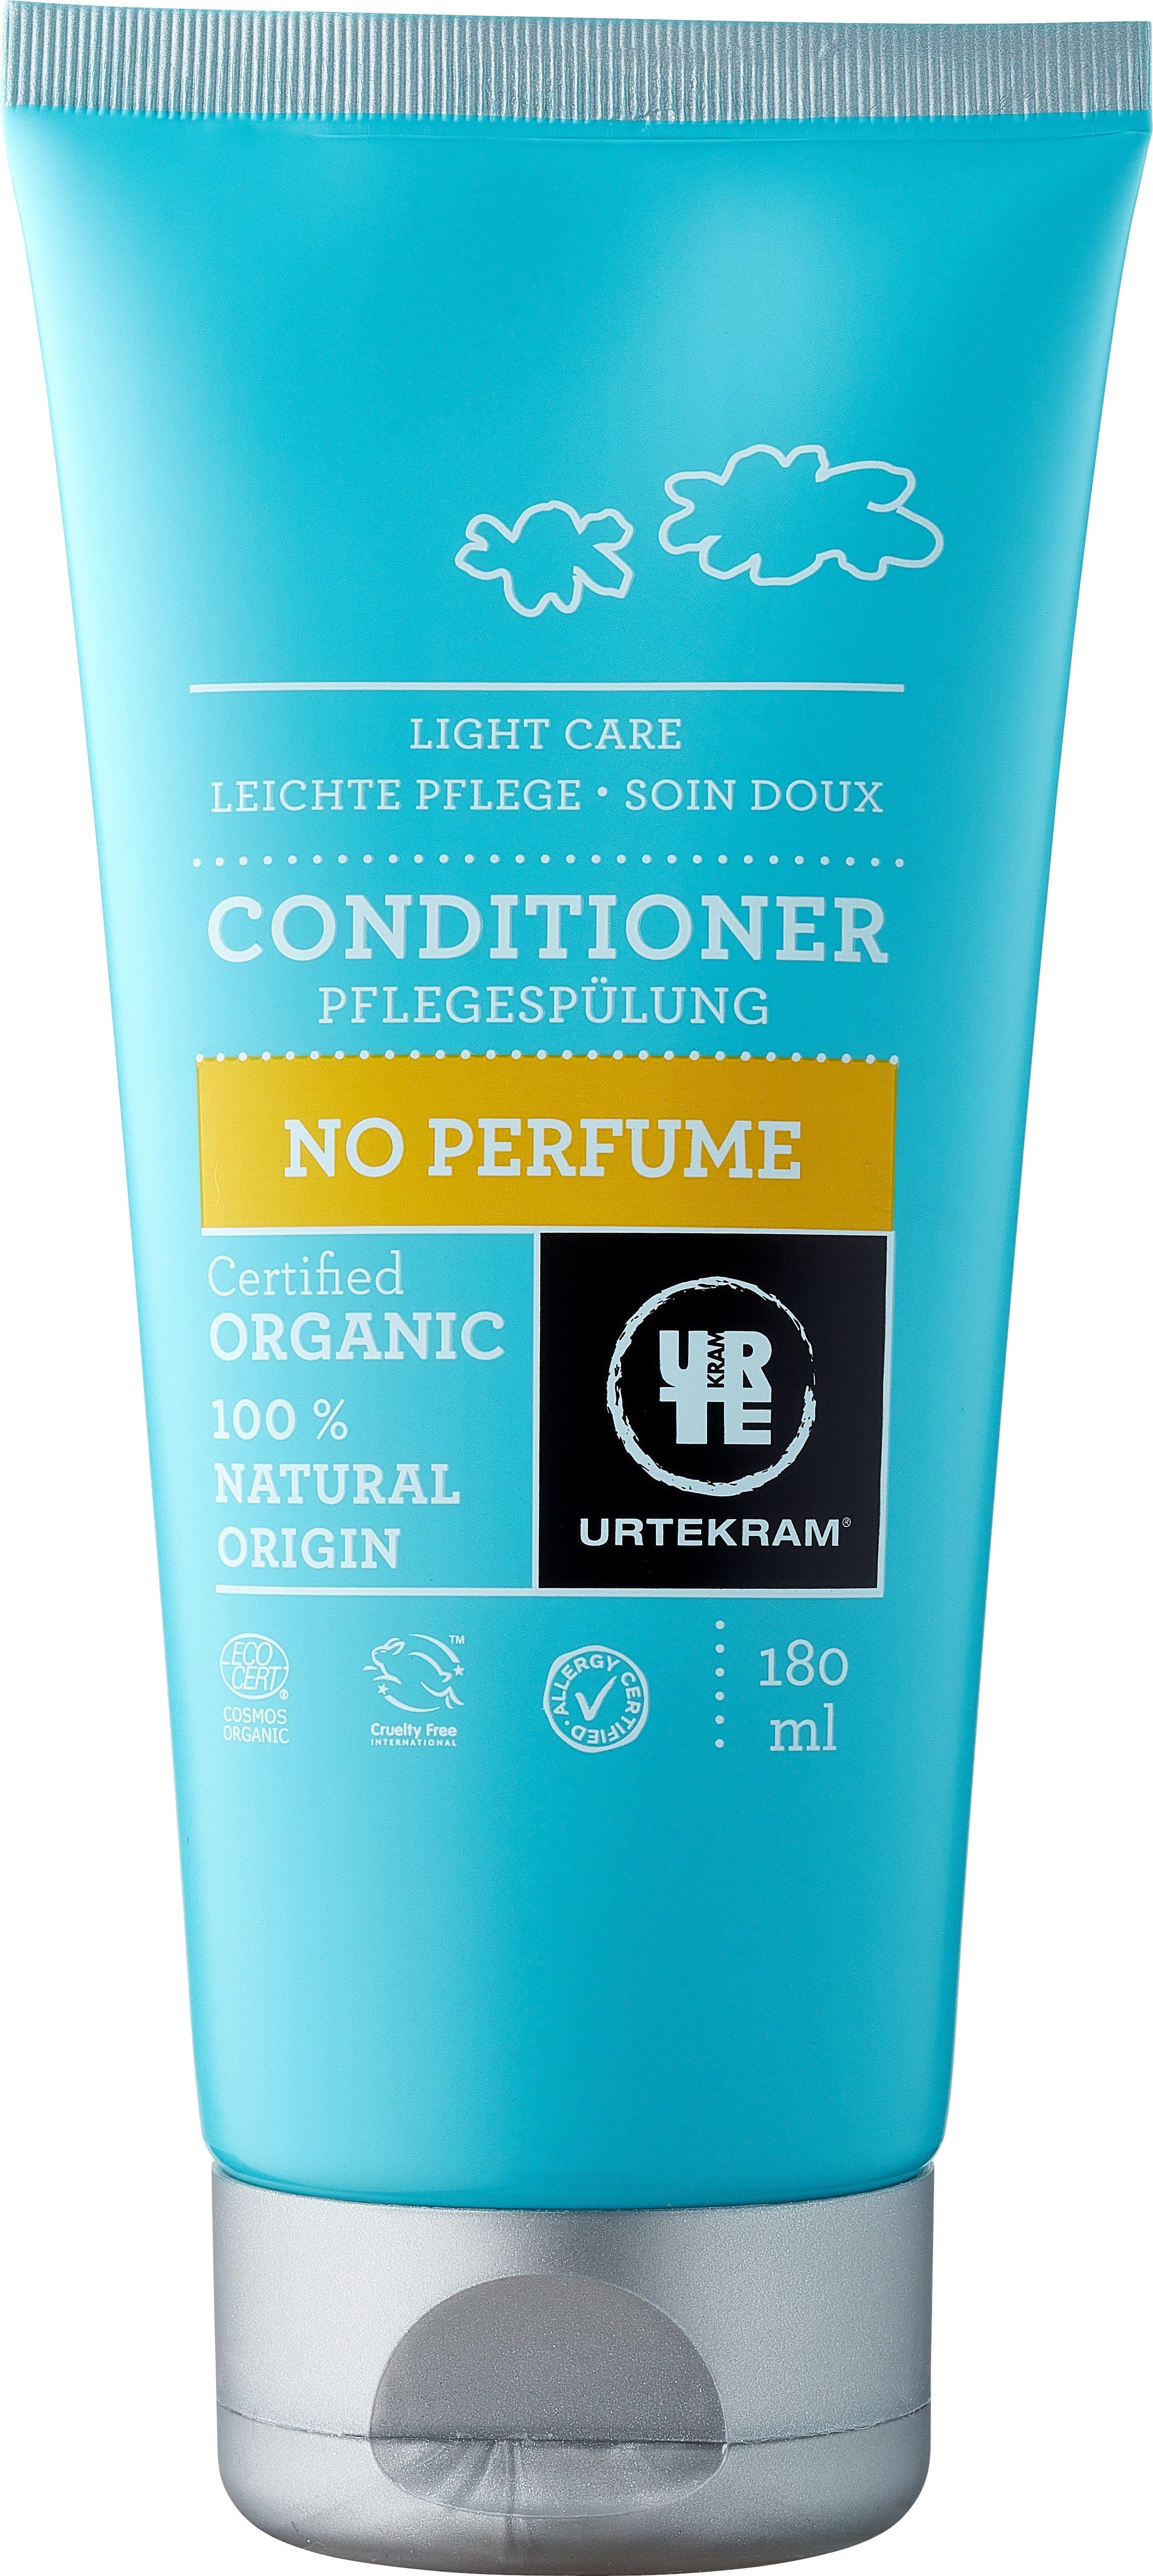 Urtekram Органічний кондиціонер. Без аромату. 180 мл. - купить в интернет-магазине Юнимед